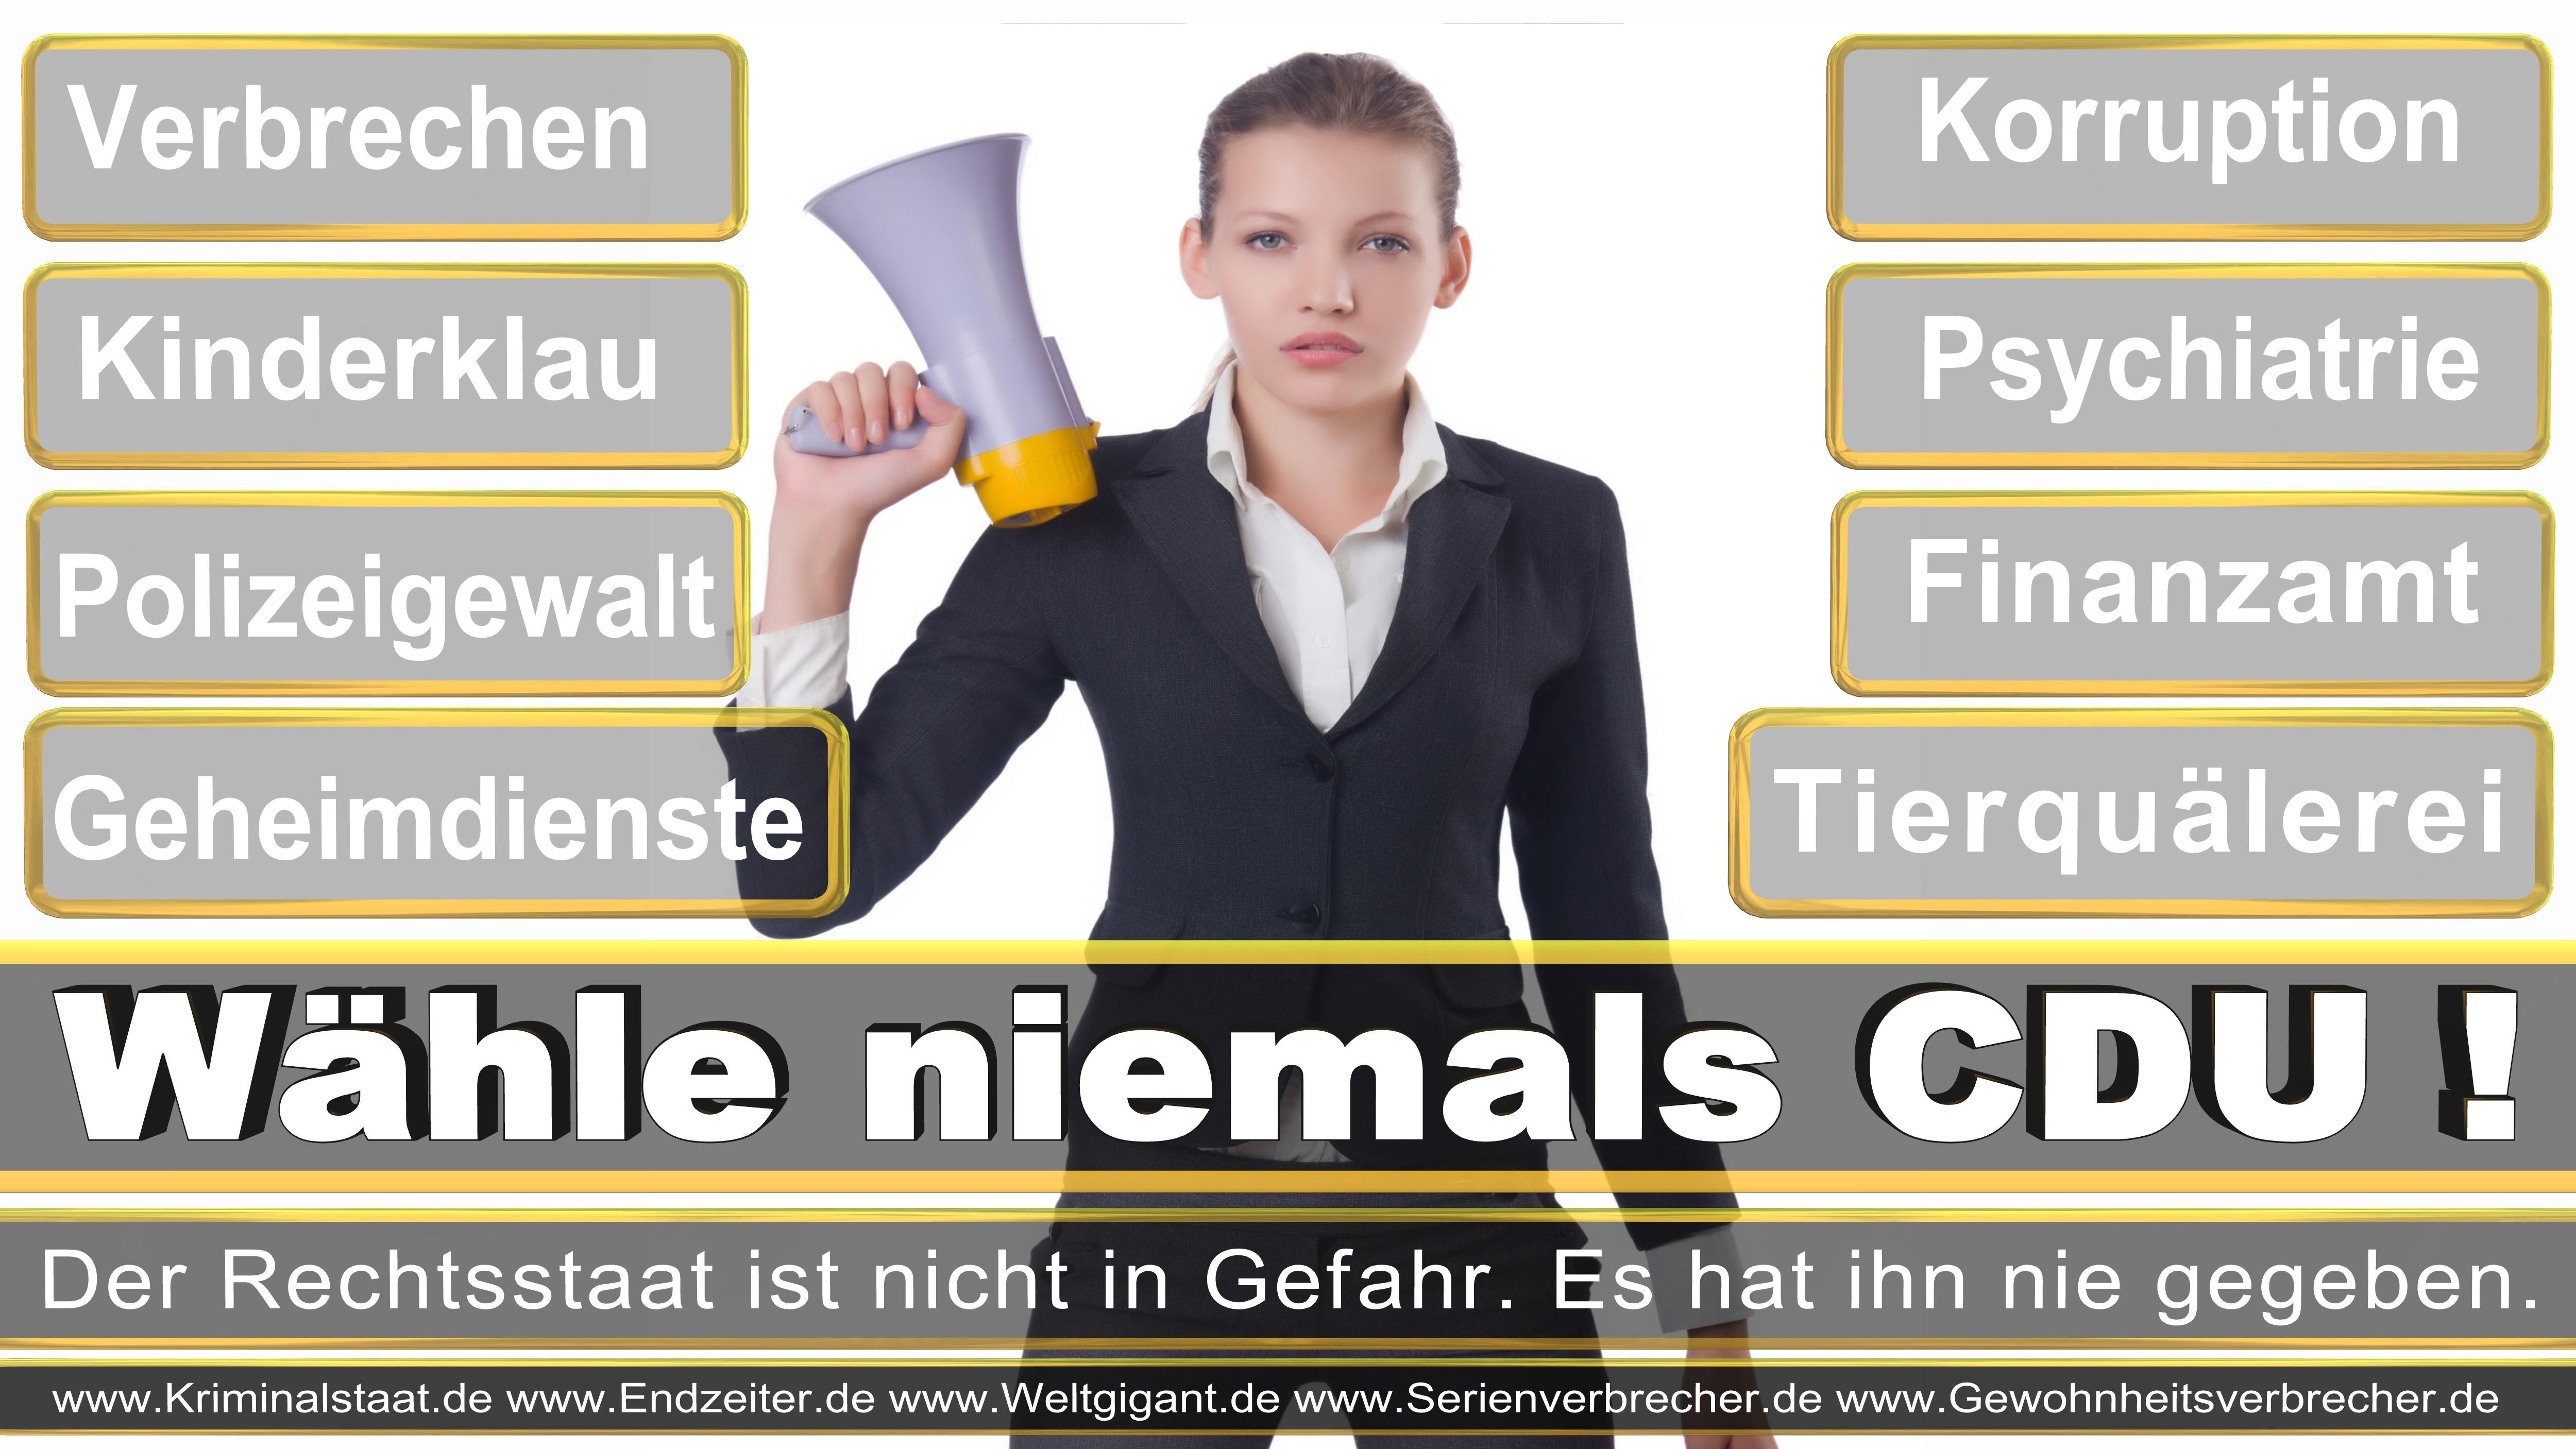 Bundestagswahl 2017 Angela Merkel CDU Bundestagswahl 2017 Prognose Bundestagswahl 2017 Wahlomat Bundestagswahl 2017 Kandidaten